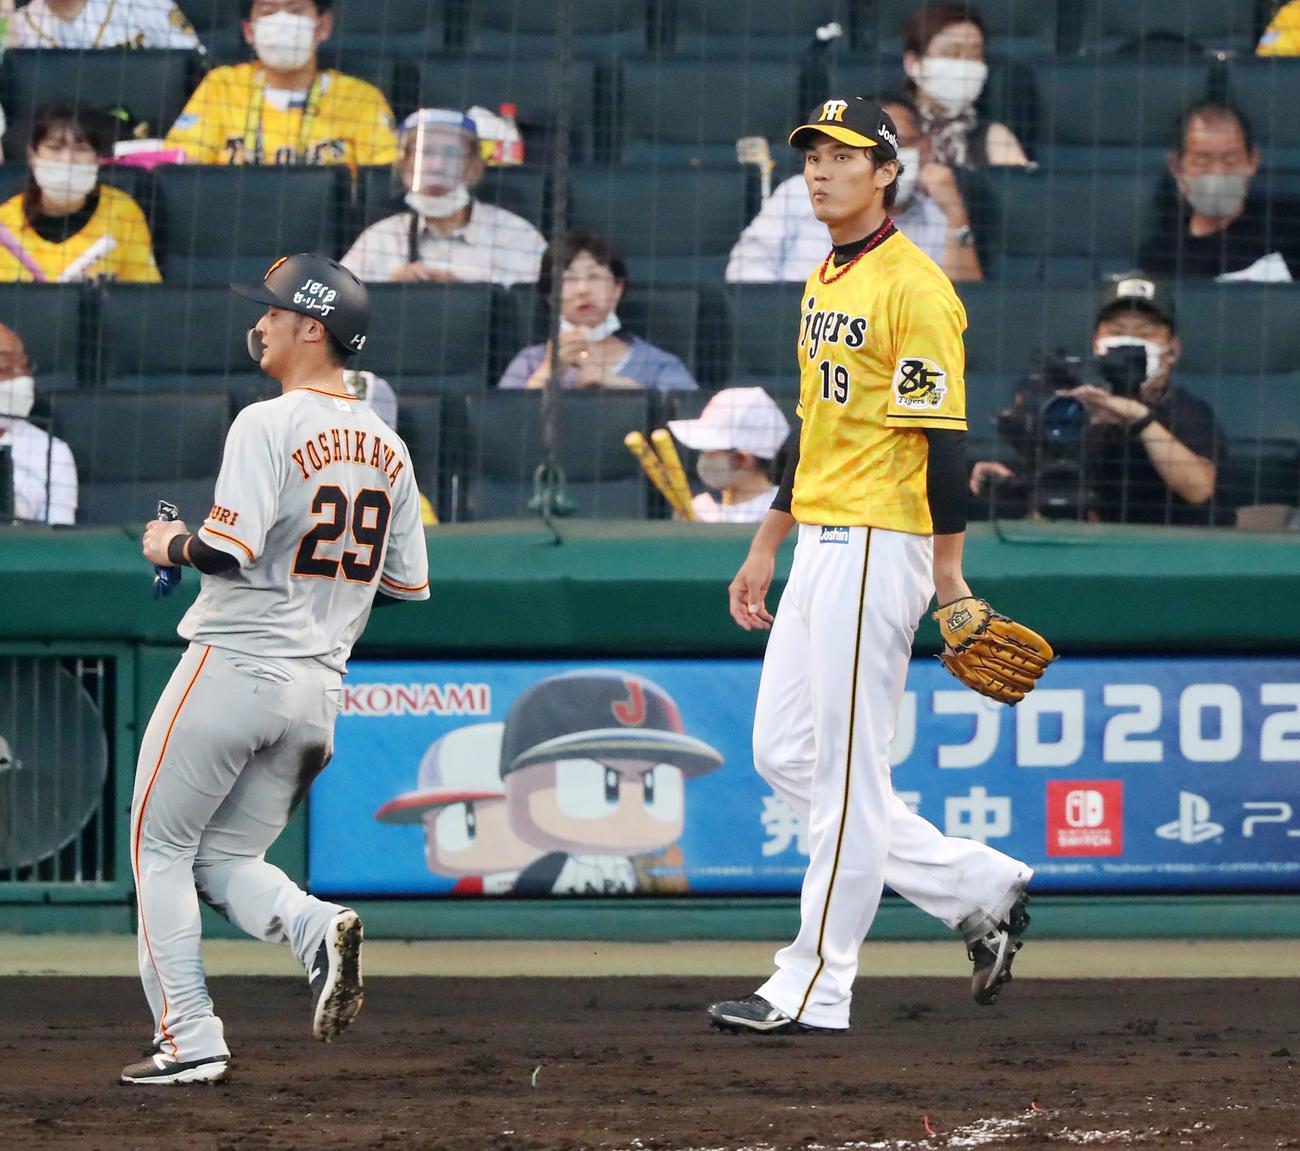 阪神対巨人 3回表巨人2死二塁、藤浪は若林に中前適時打を打たれ失点する(撮影・加藤哉)